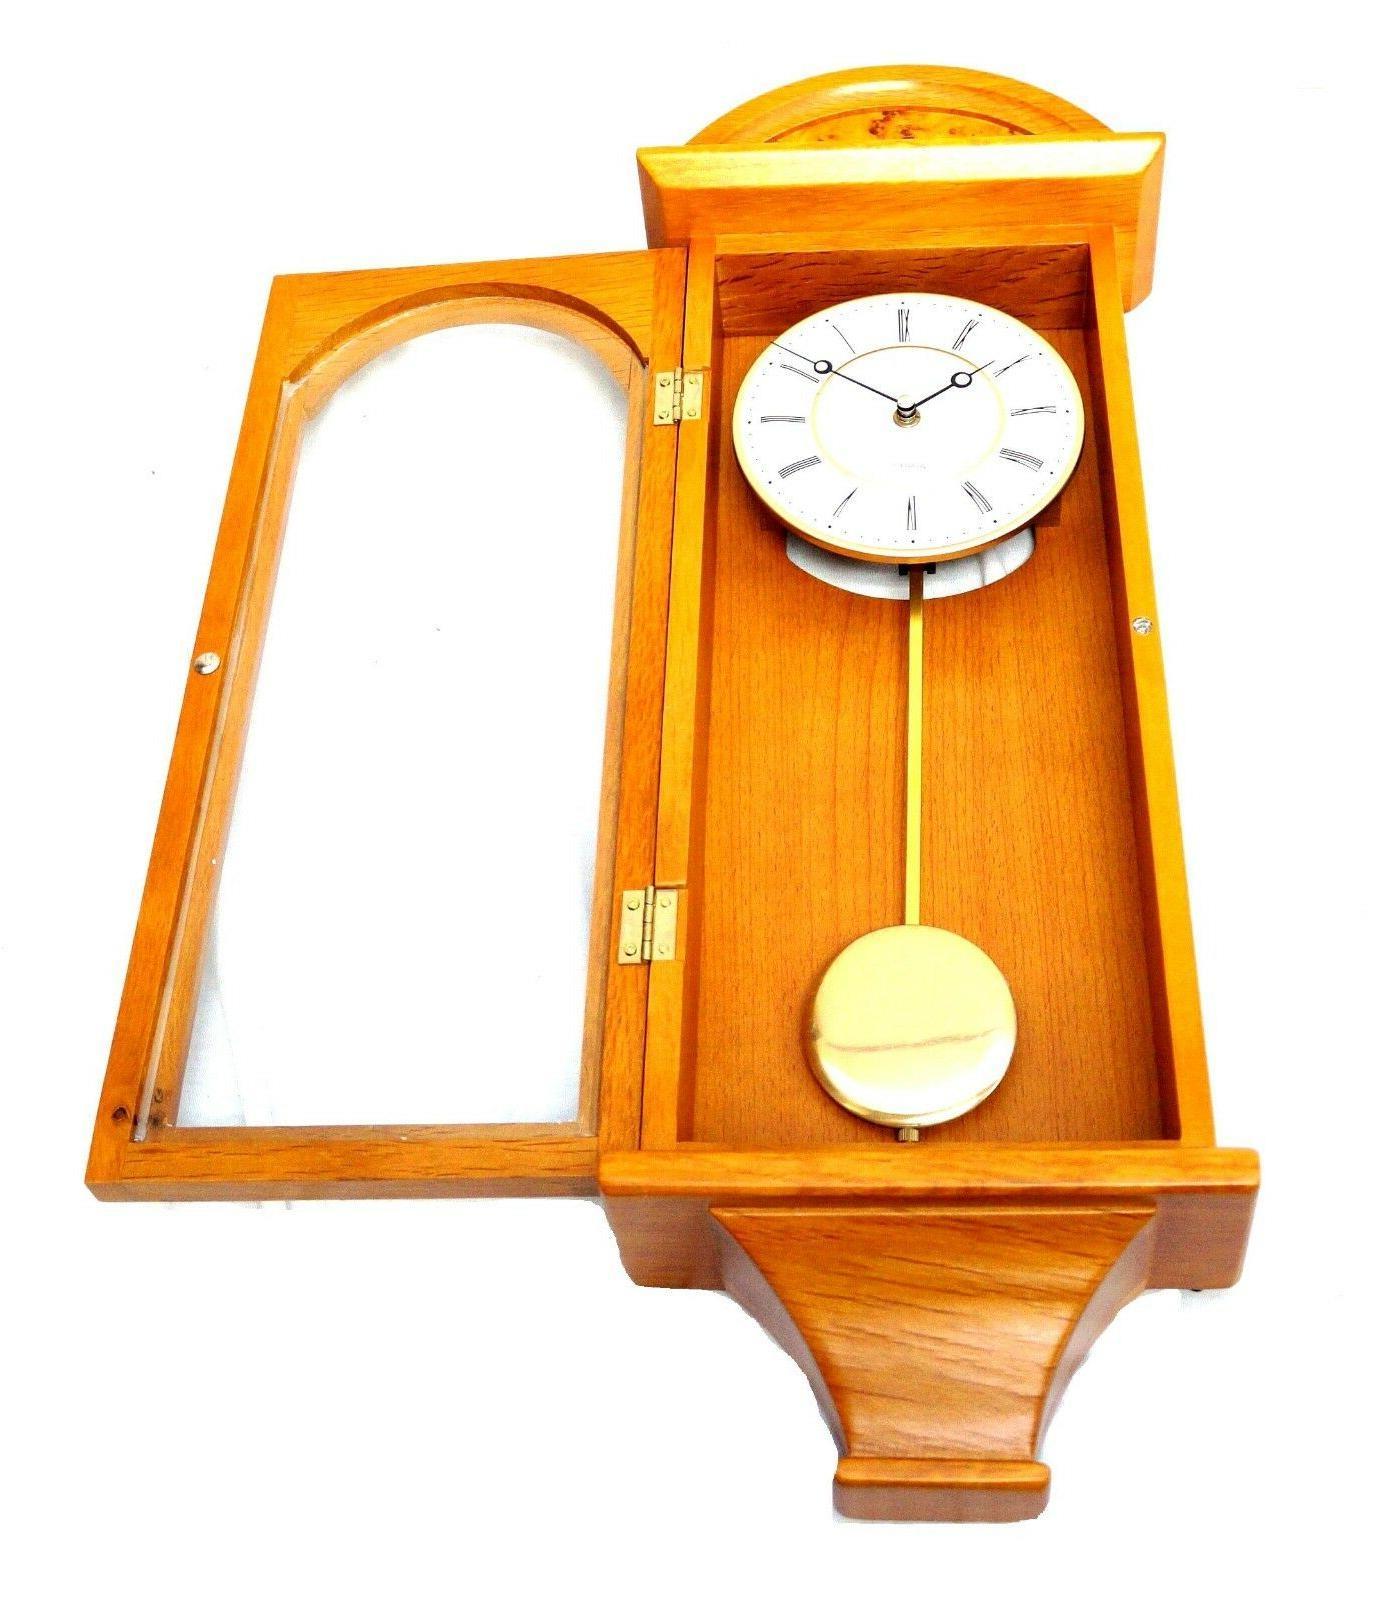 J&D Best Pendulum Clock Silent retro classic Wood